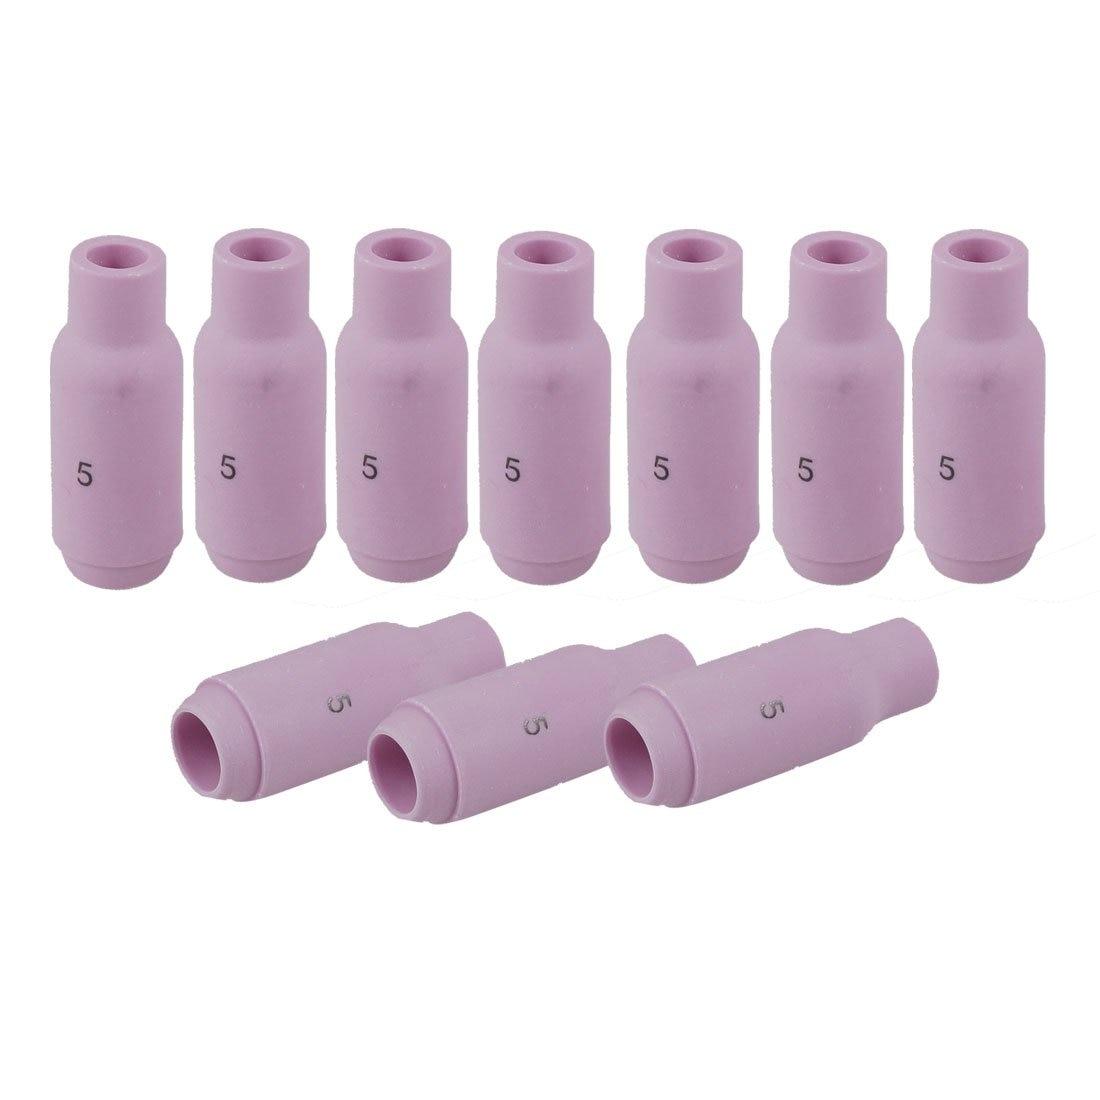 IMC Hot 10 Pcs #5 10N49 TIG Torch Welding Ceramic Nozzles For Legacy LS17 LS17V